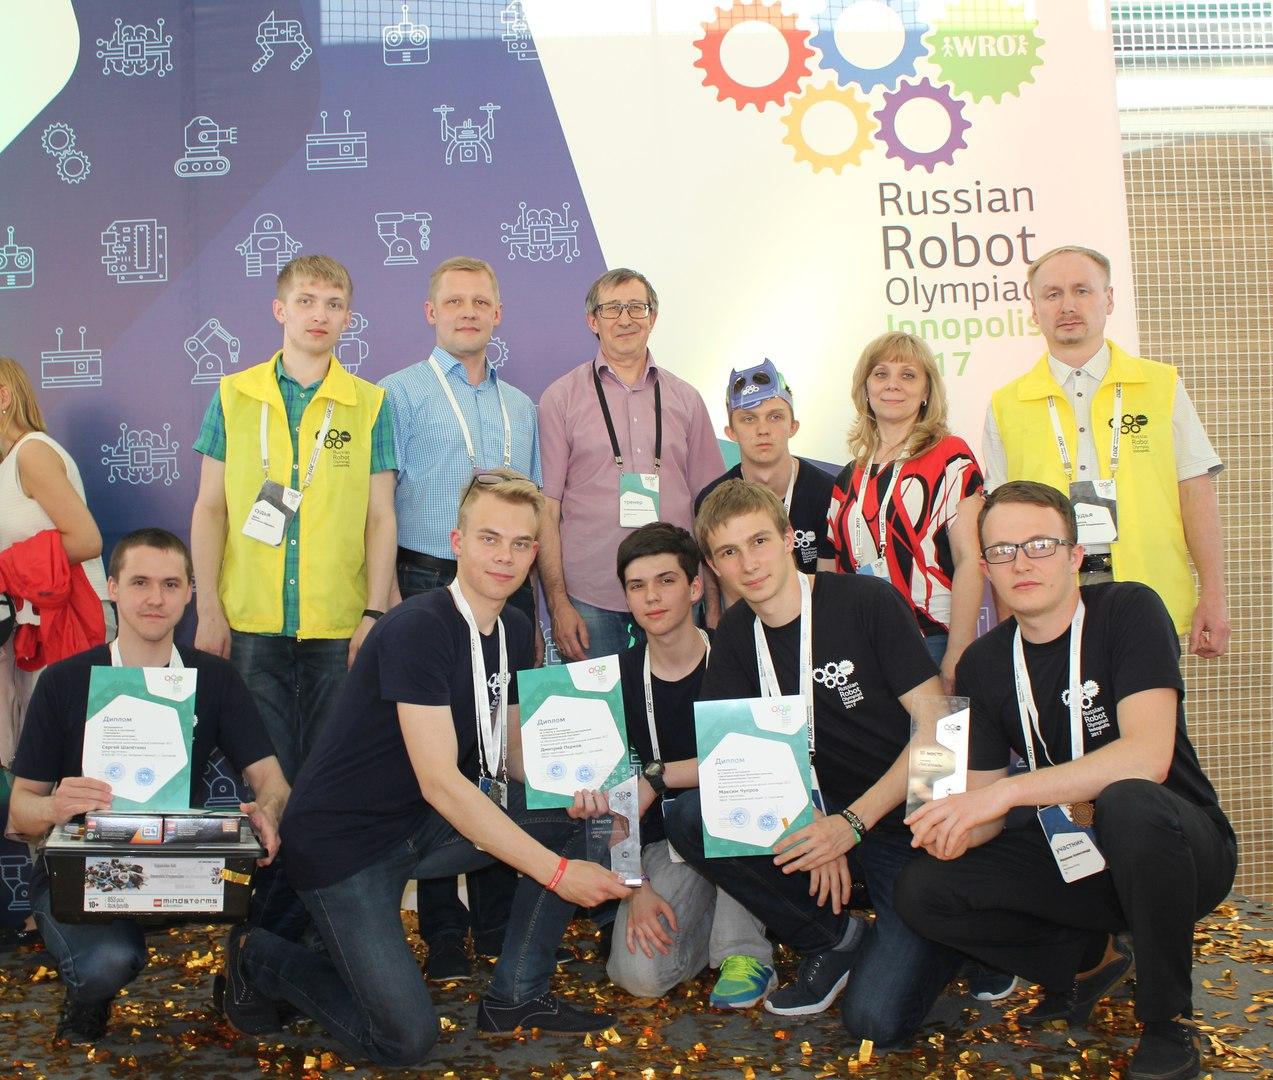 Две команды из Сыктывкара заняли призовые места на Всероссийской робототехнической олимпиаде